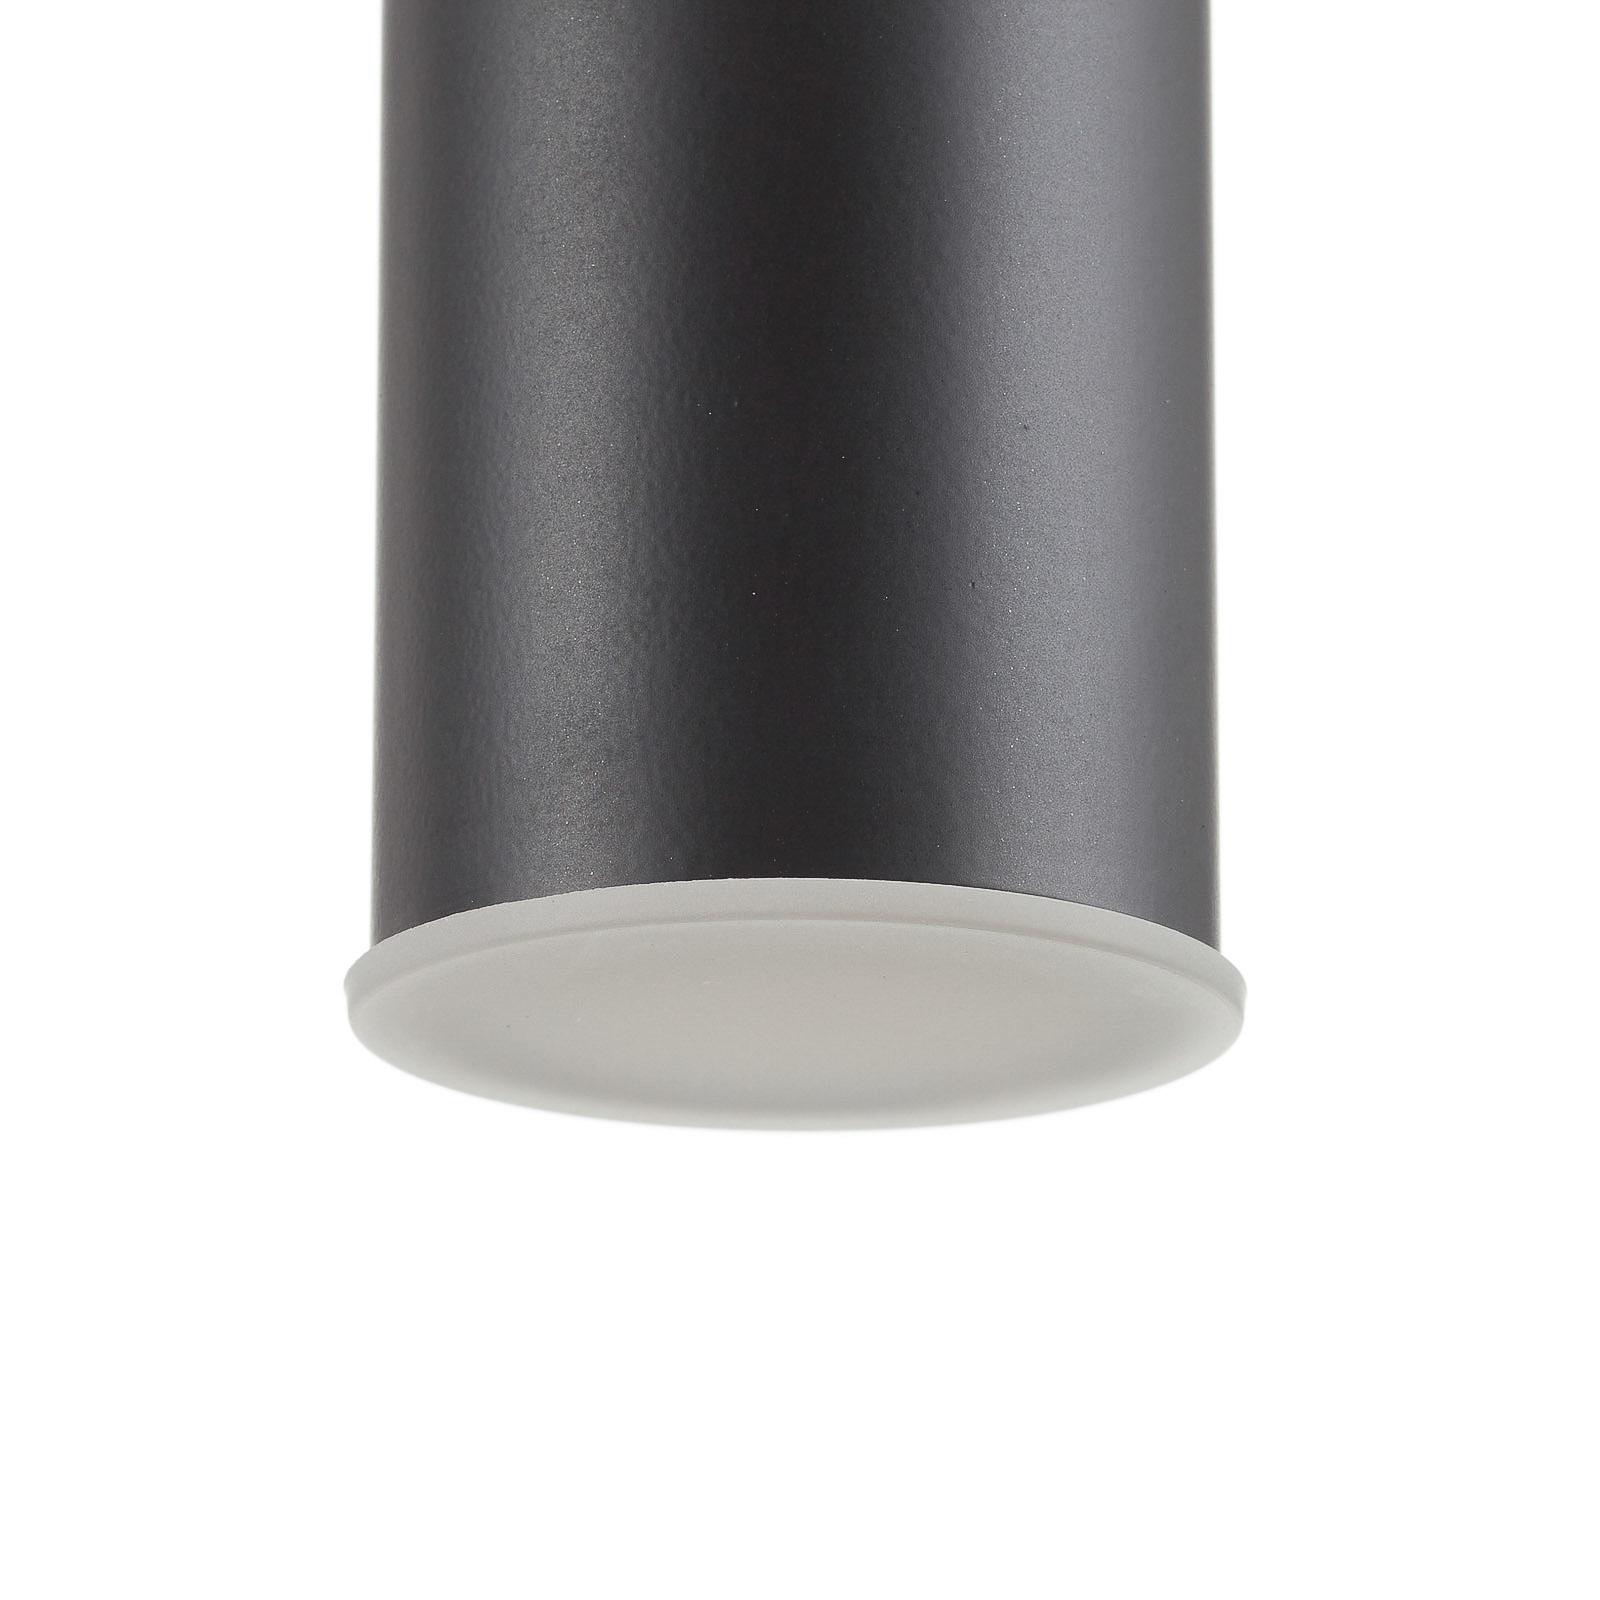 Schöner Wohnen Stina lampa wisząca 1-pkt. czarna